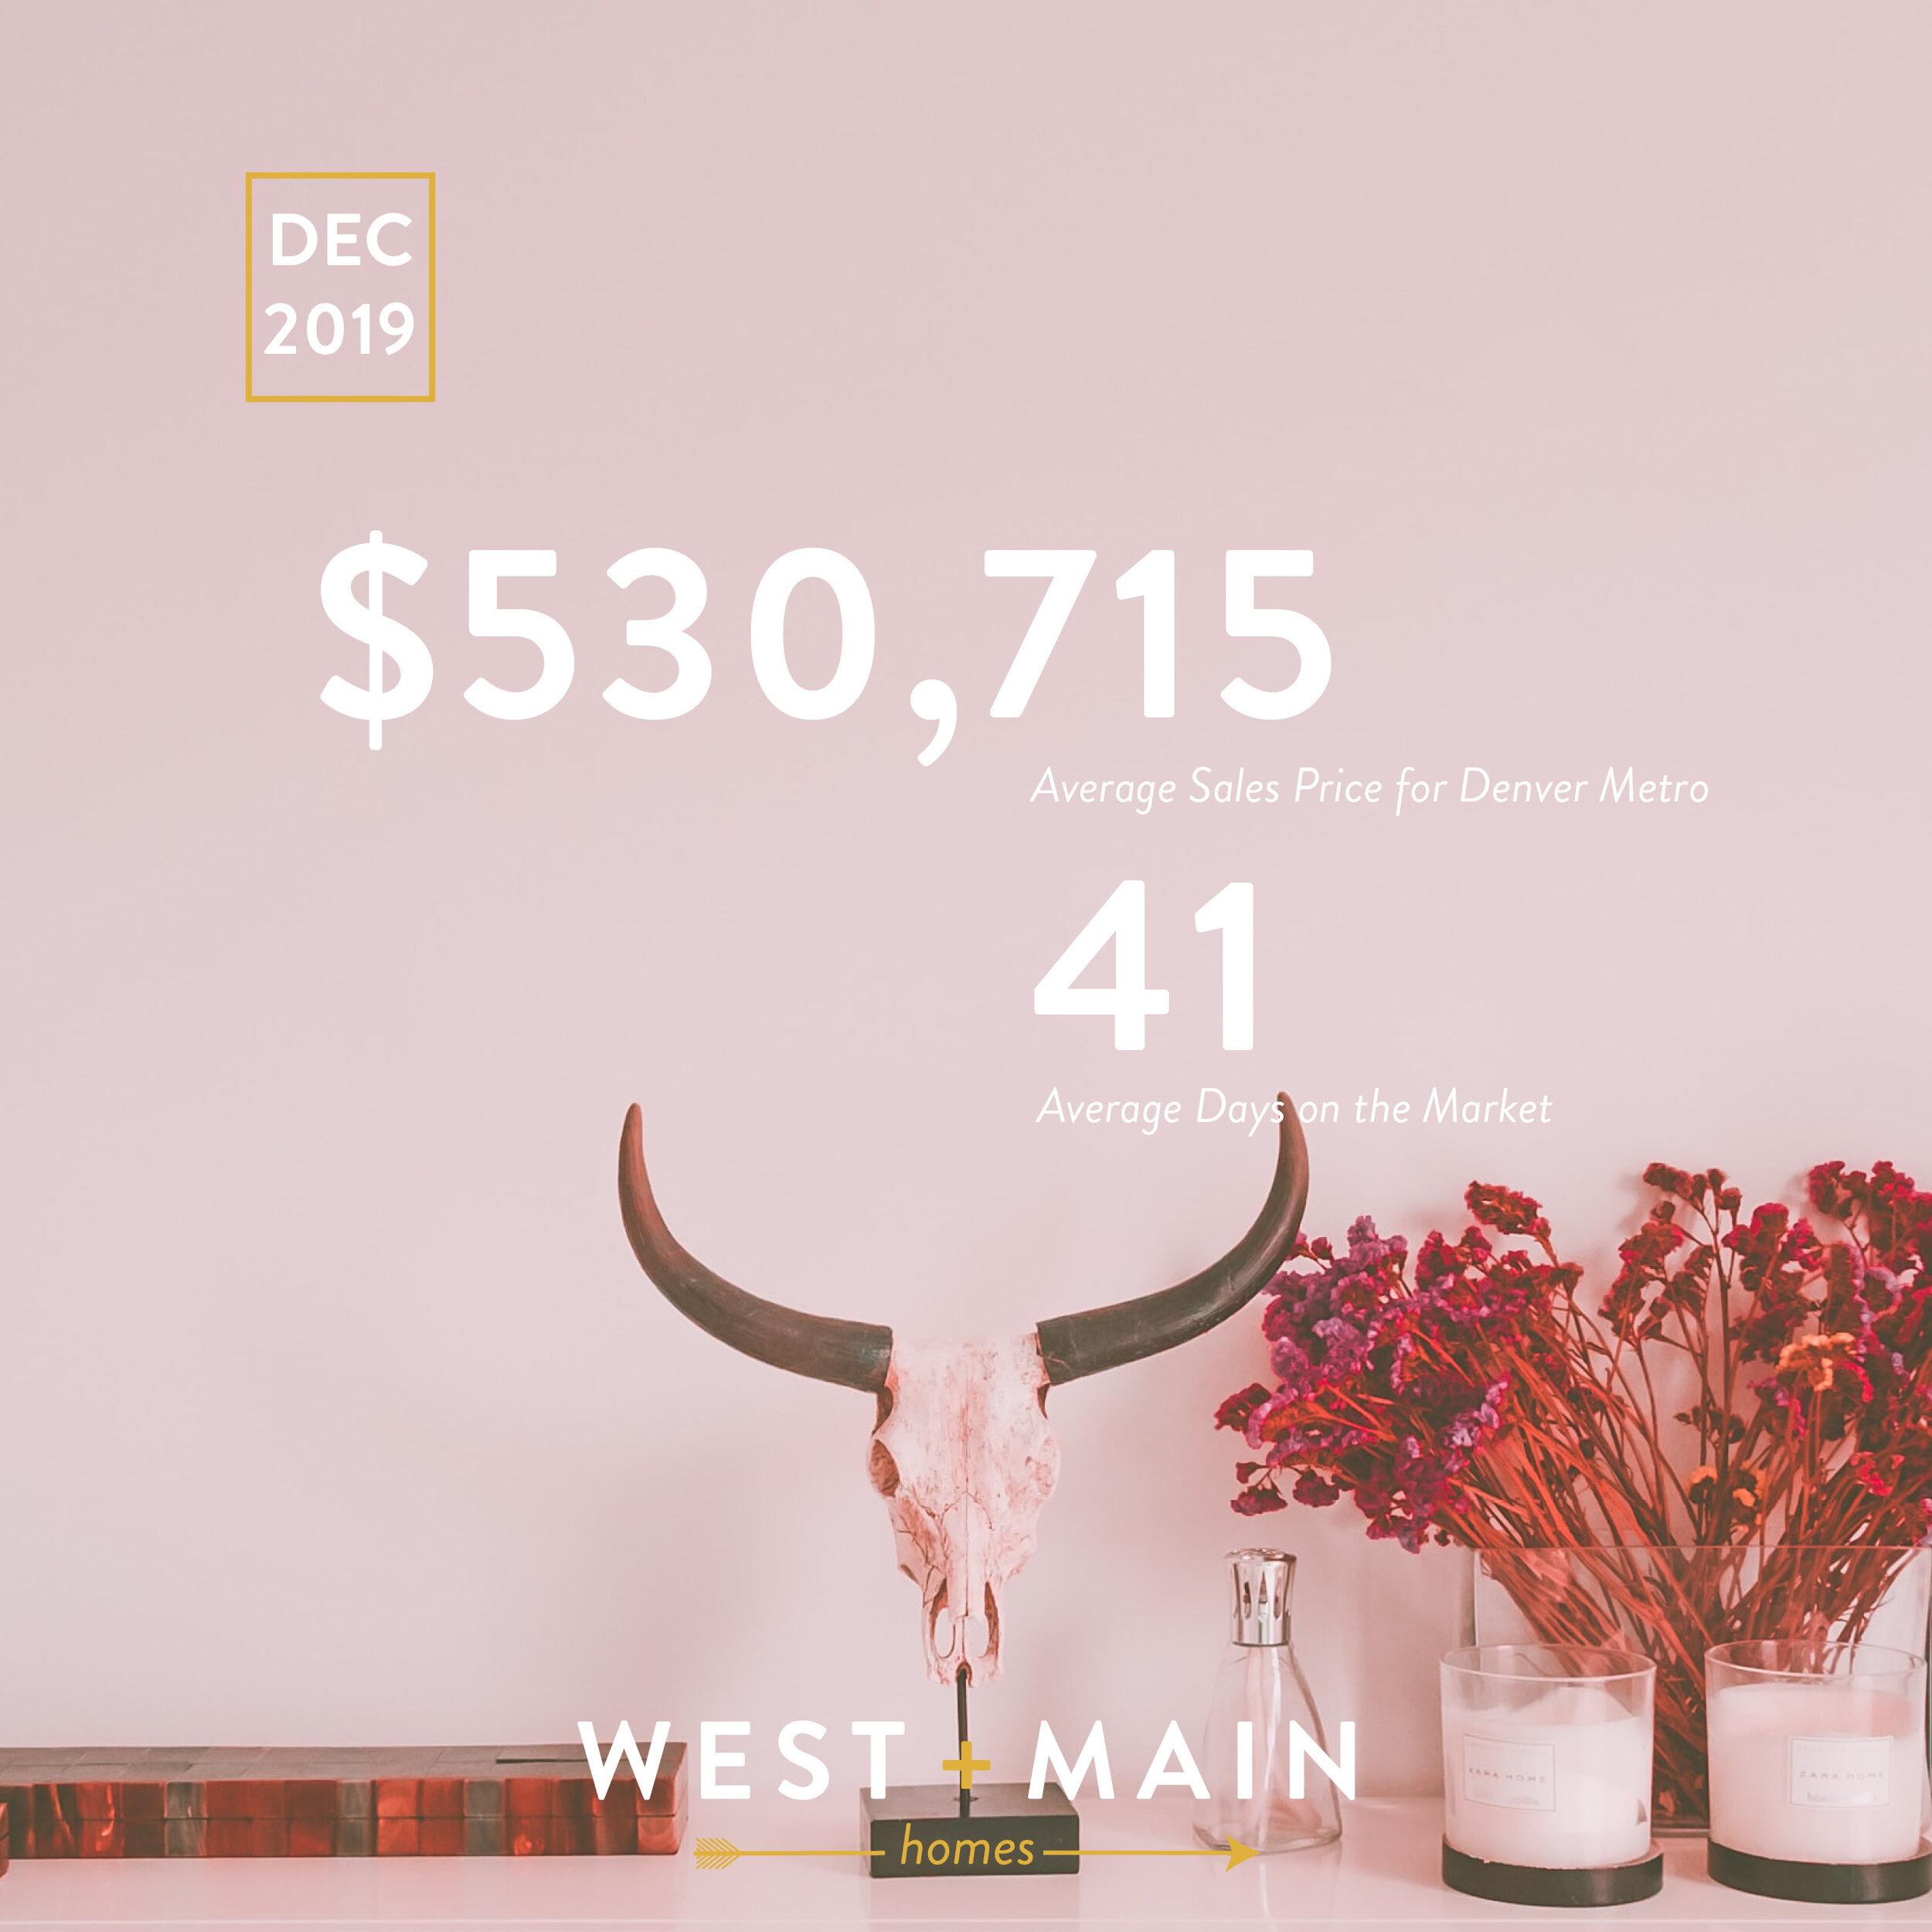 market_stats_Dec-19-insta.jpg